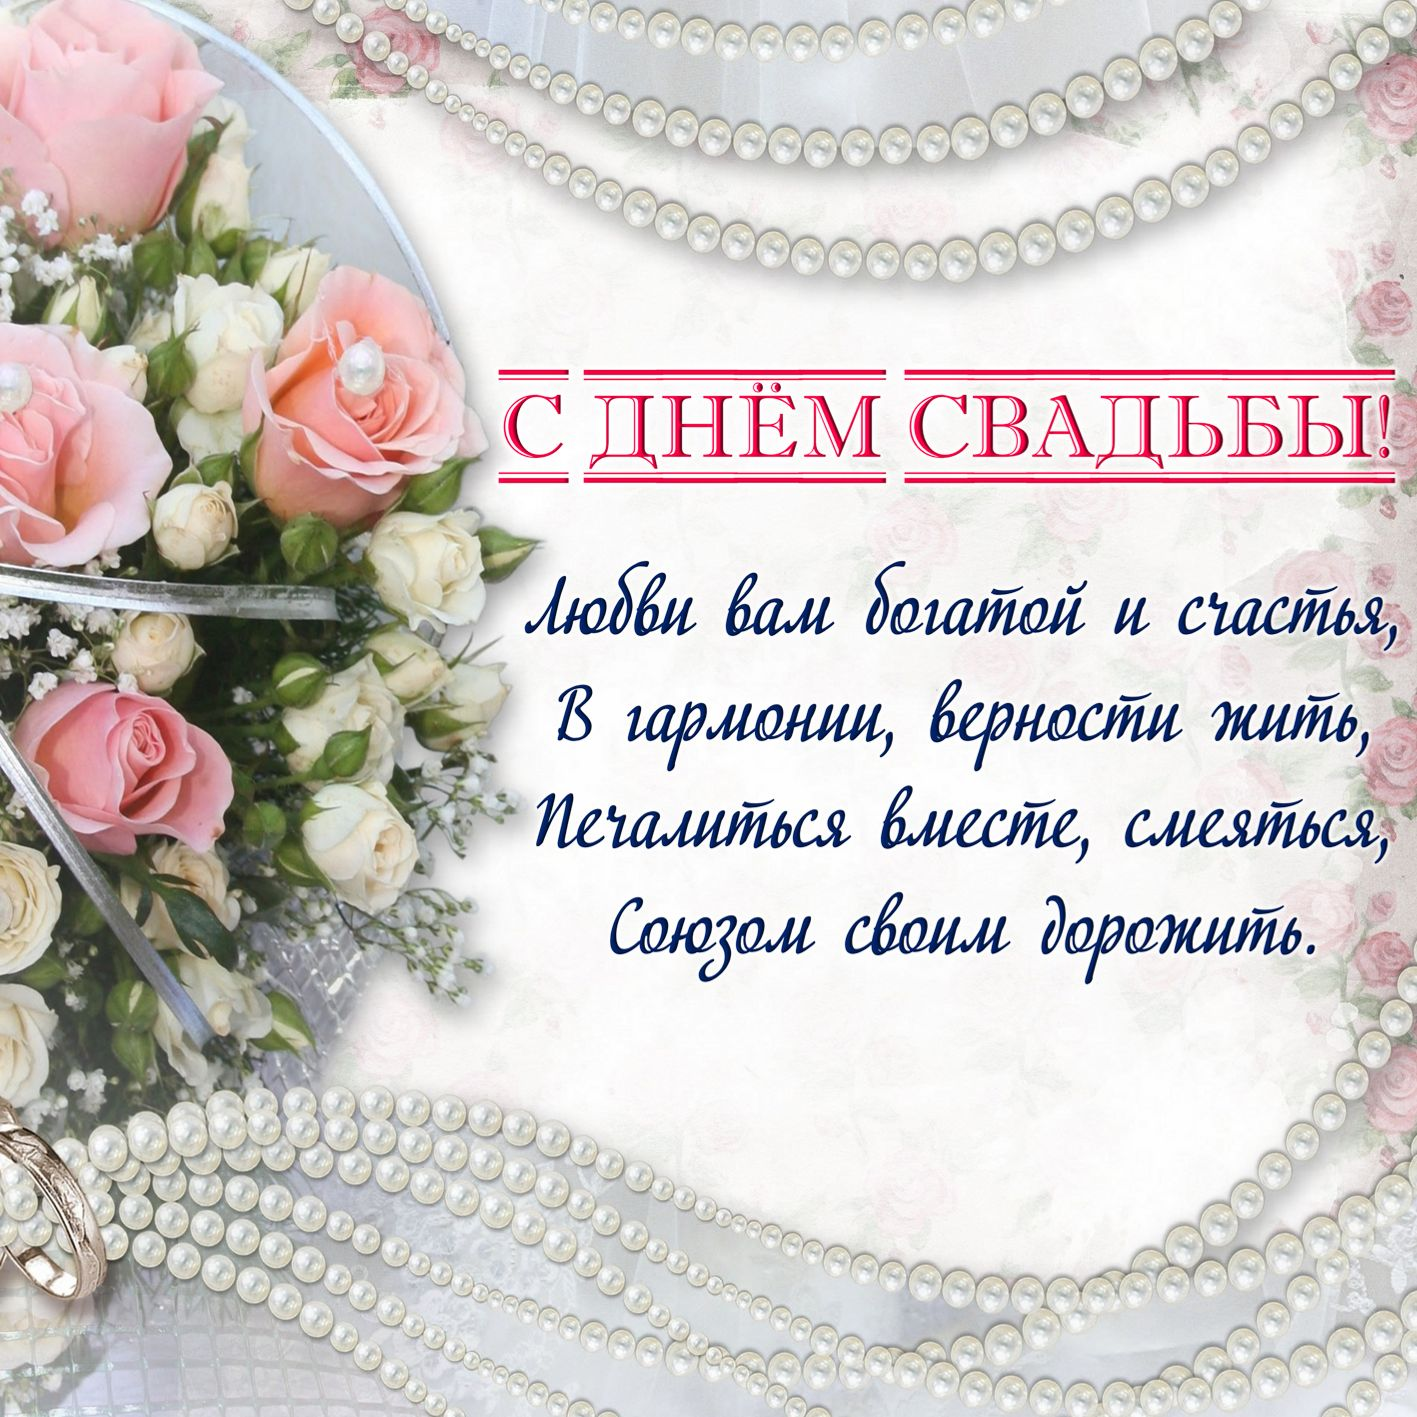 Поздравления на свадьбу начальнице